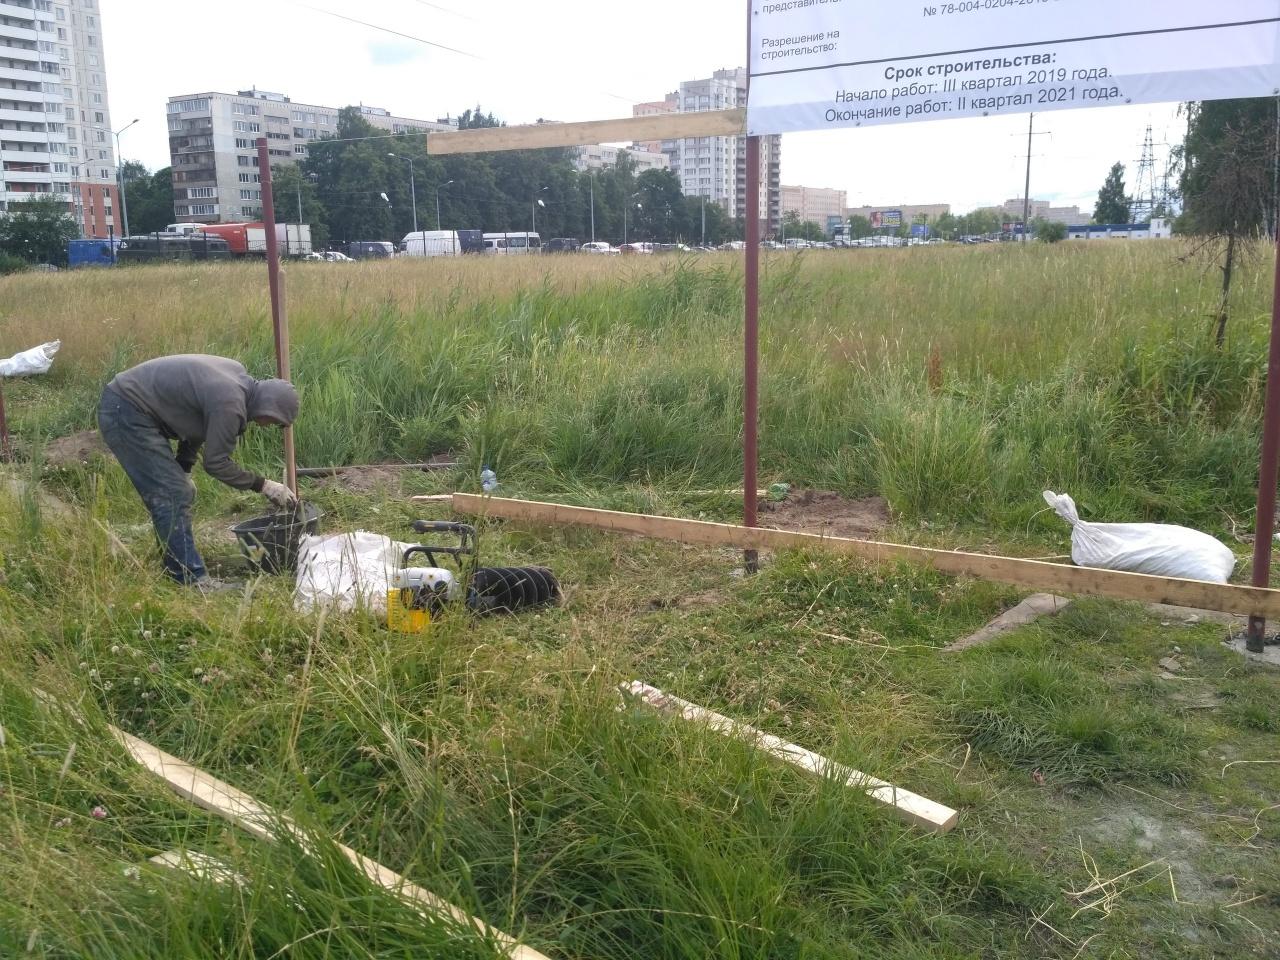 """фото ЗакС политика Защитники Муринского парка сообщили о готовности """"Анна Нова"""" начать вырубку деревьев"""